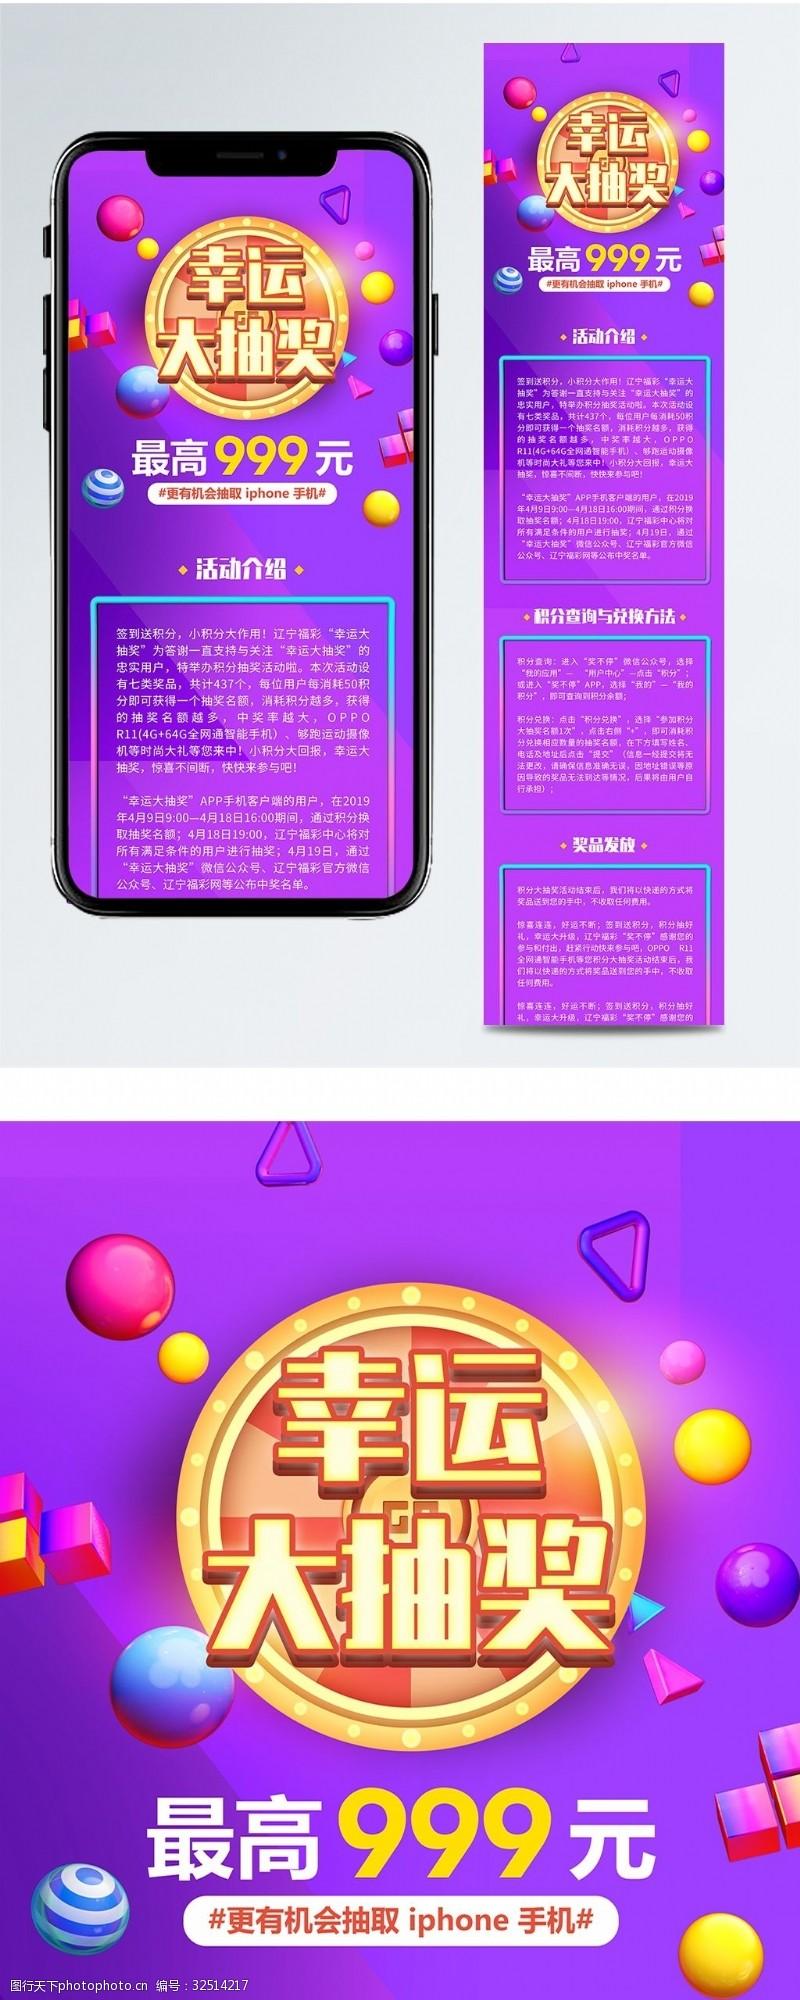 紫色缤纷幸运大抽奖活动宣传长图